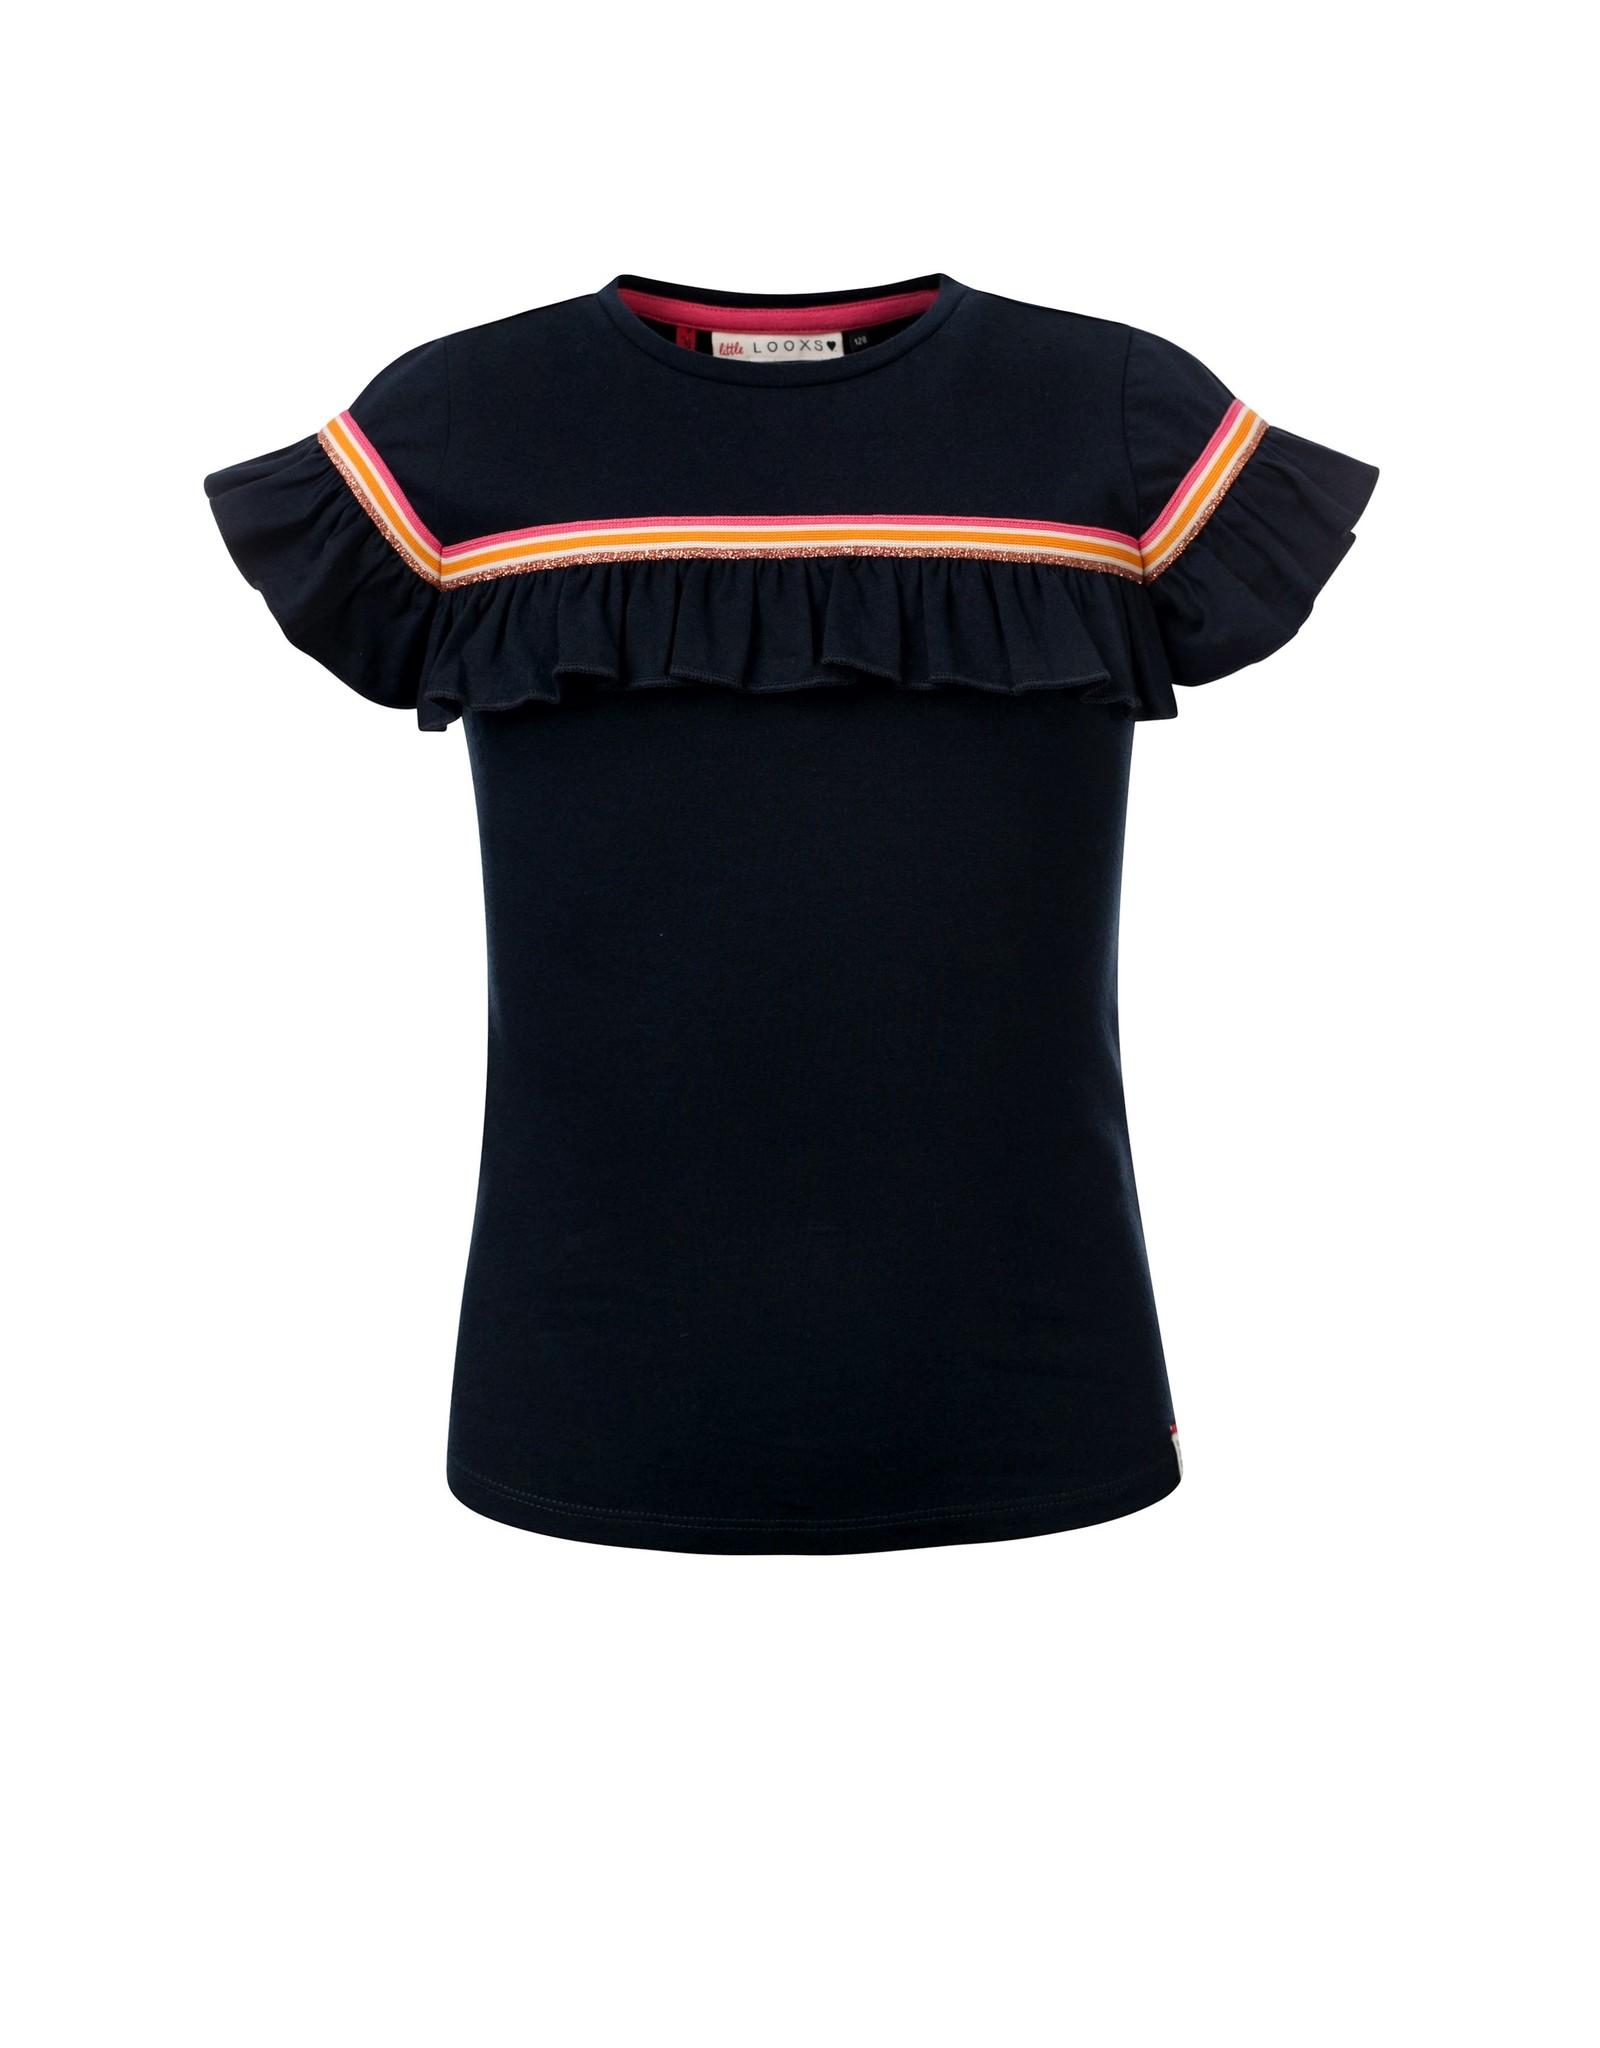 Looxs Revolution Little t-shirt ruffle s.